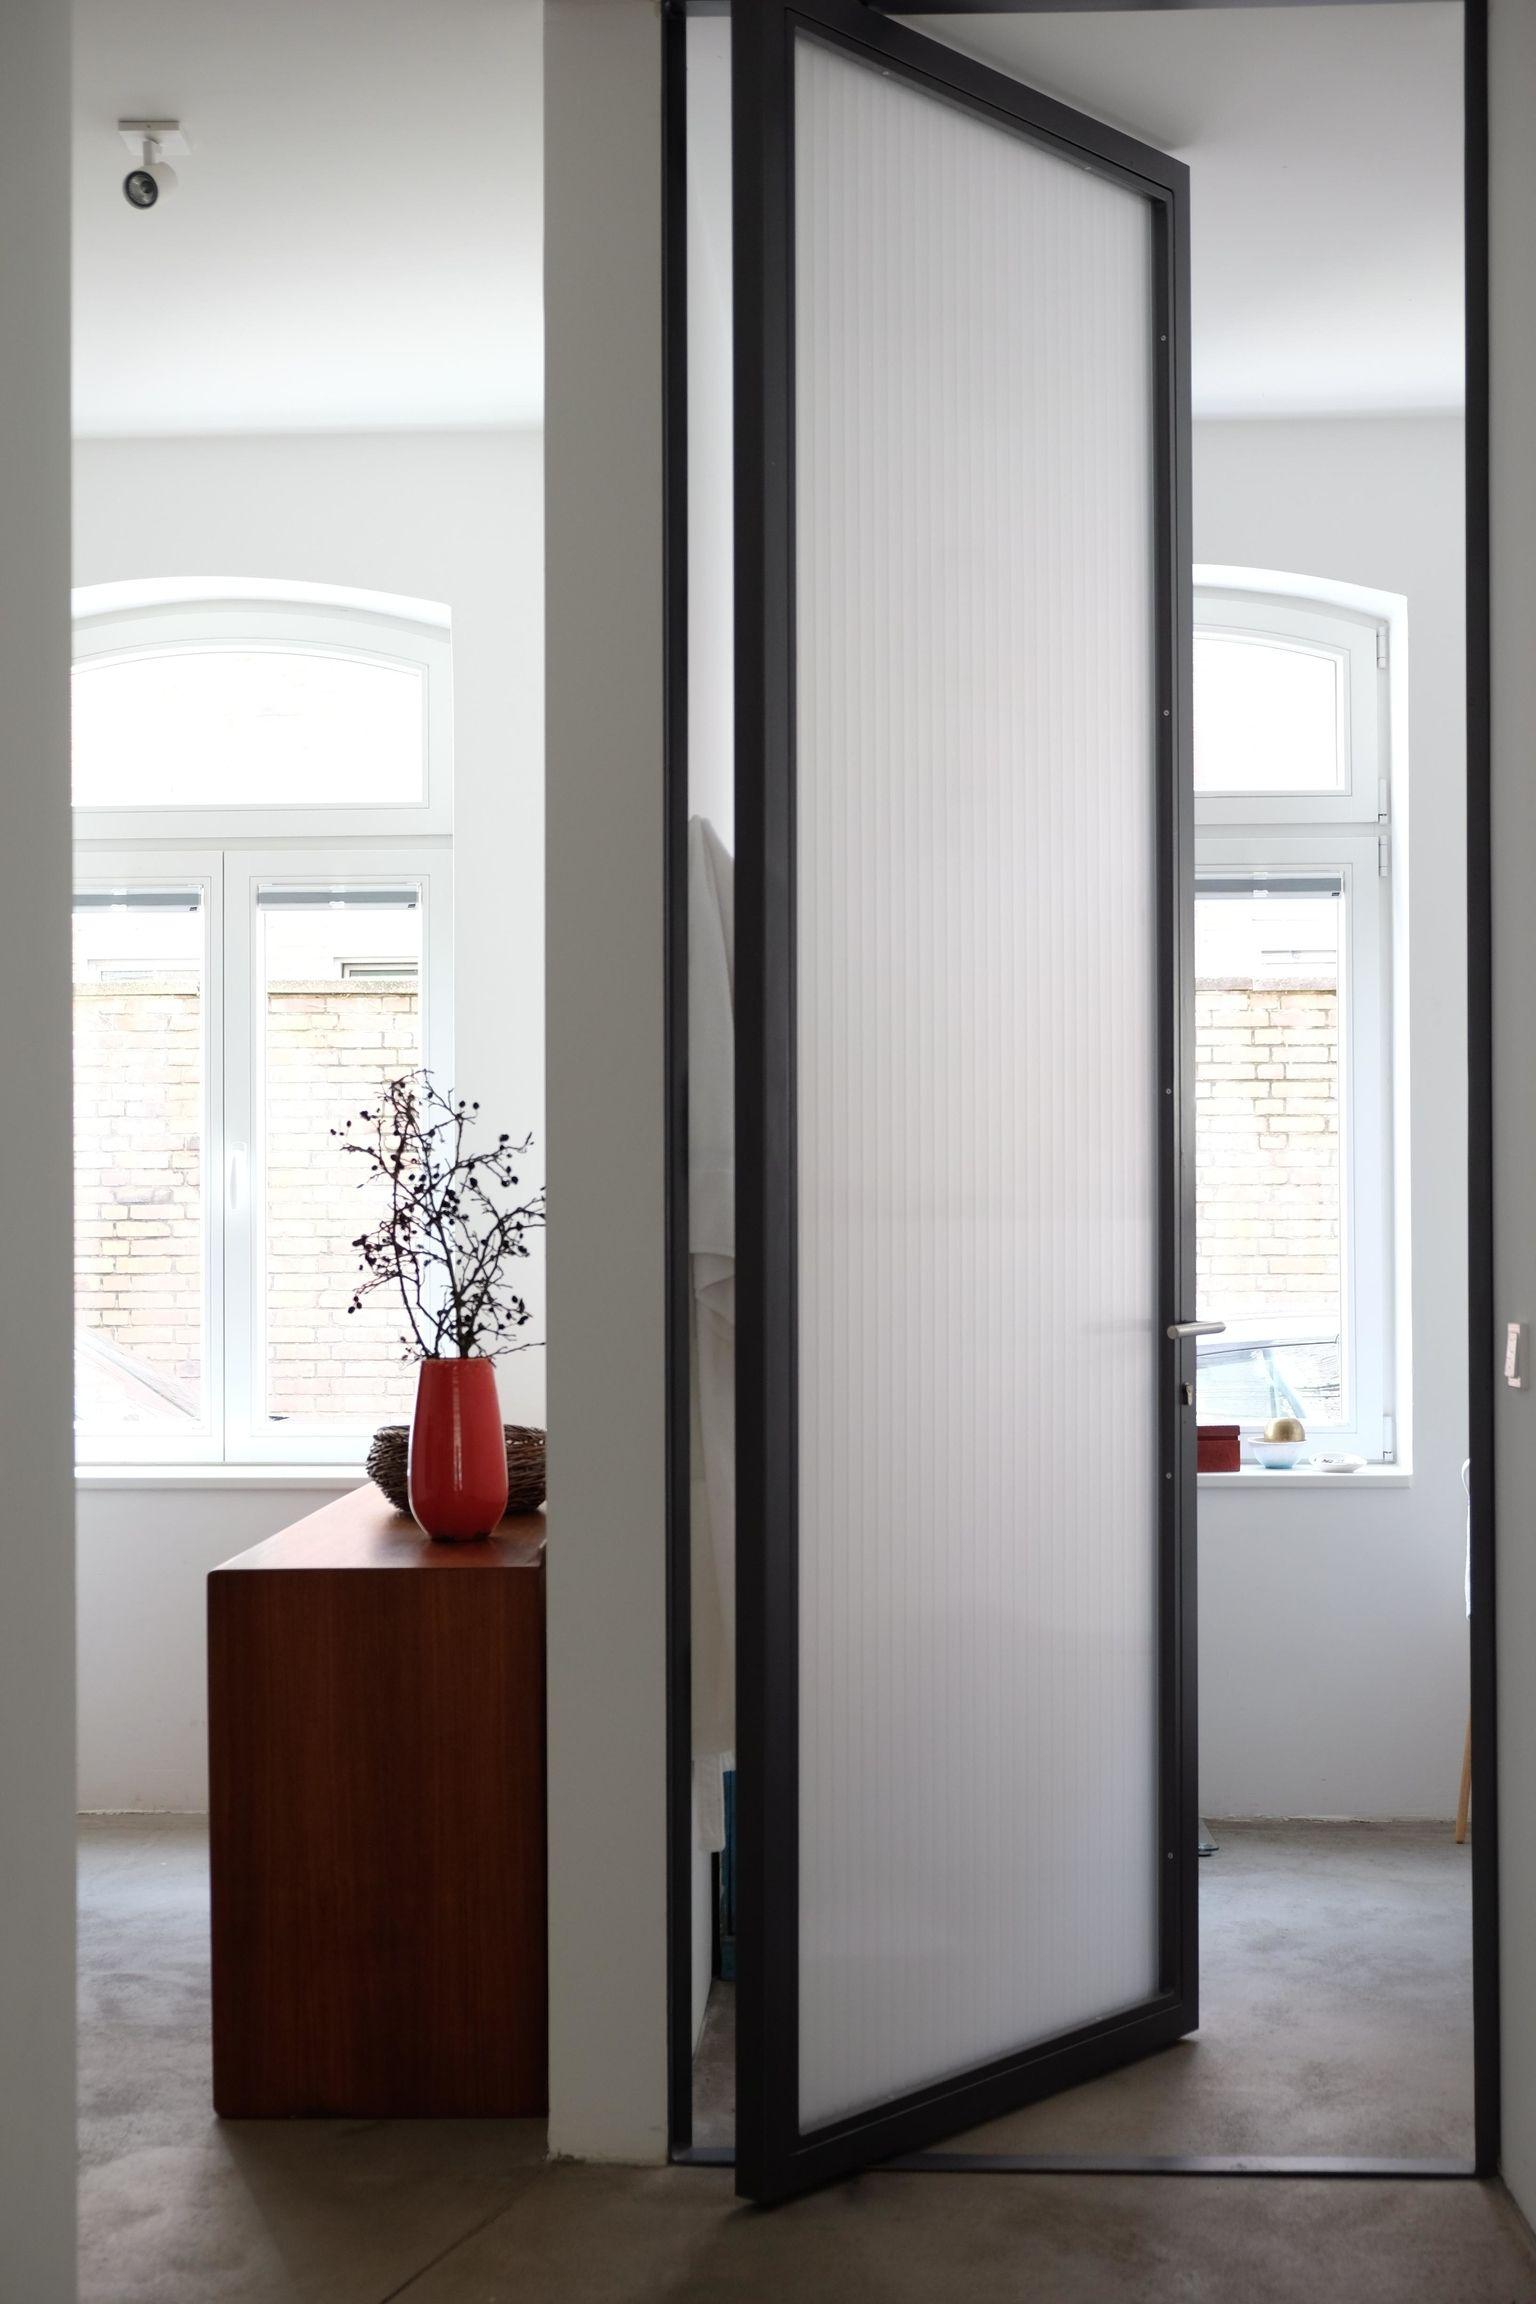 Diese Schicke Badezimmertur Ist Eine Eigenkreation Von Unserem Community Mitglied Cmalz Entdecke Noch Mehr Wohnideen Auf Couch Liv Badezimmer Tur Haus Wohnen